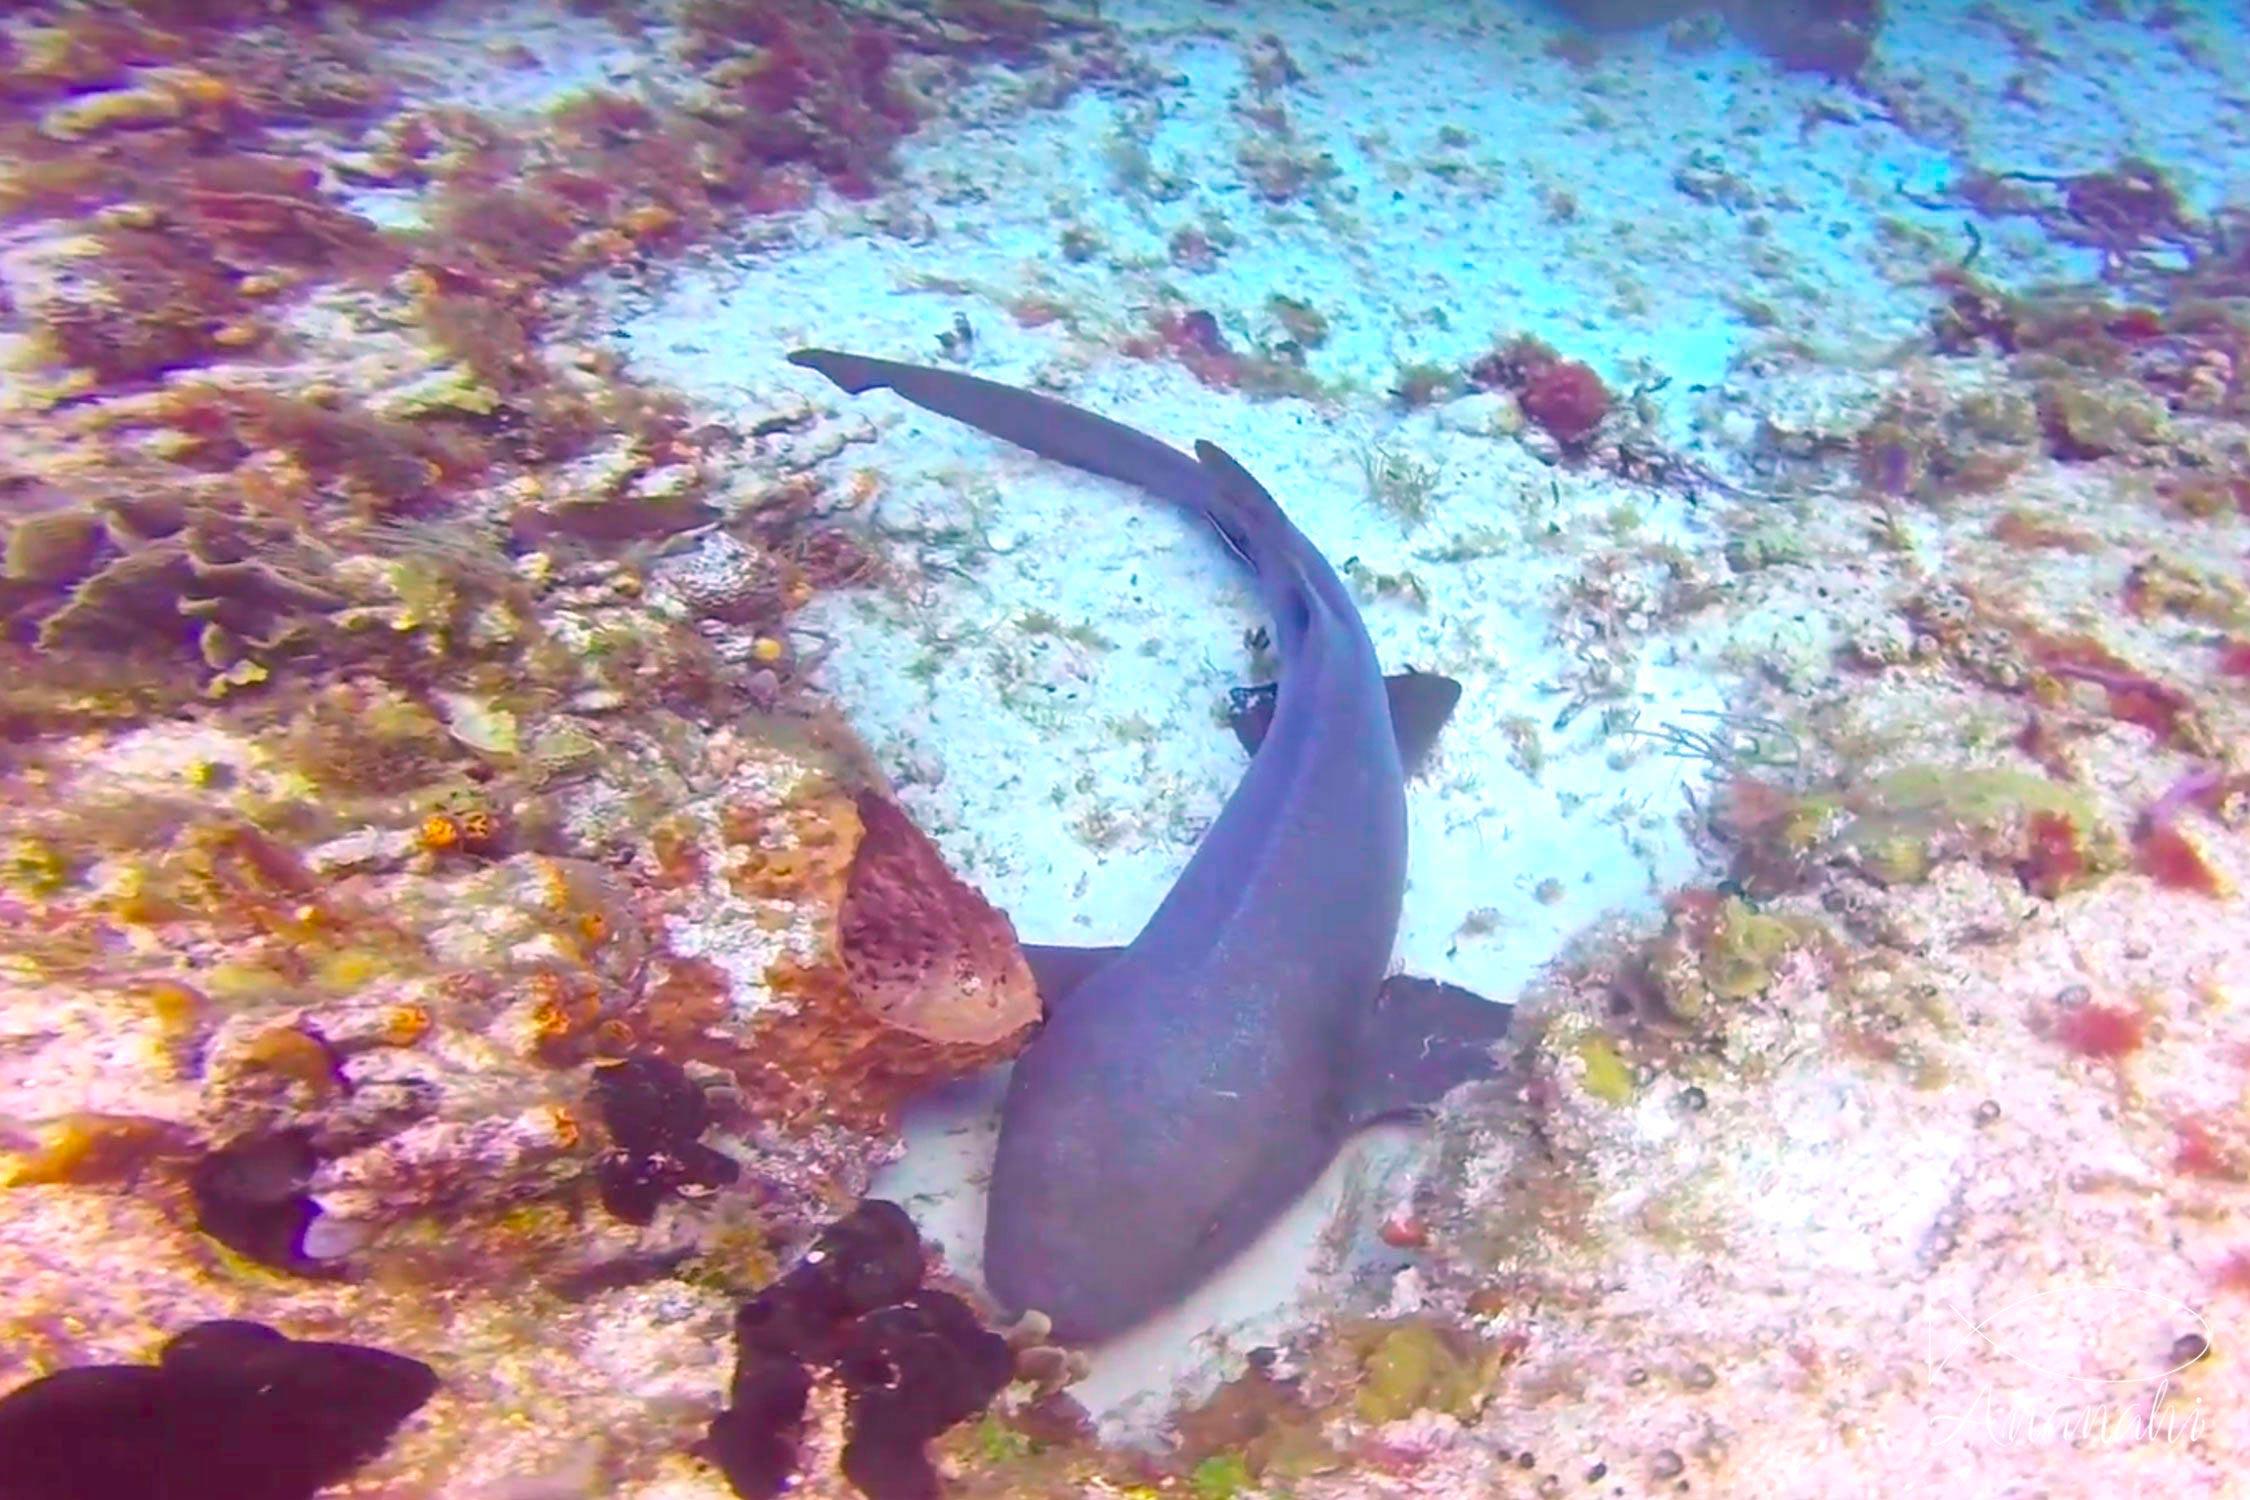 Tawny nurse shark of Mexico